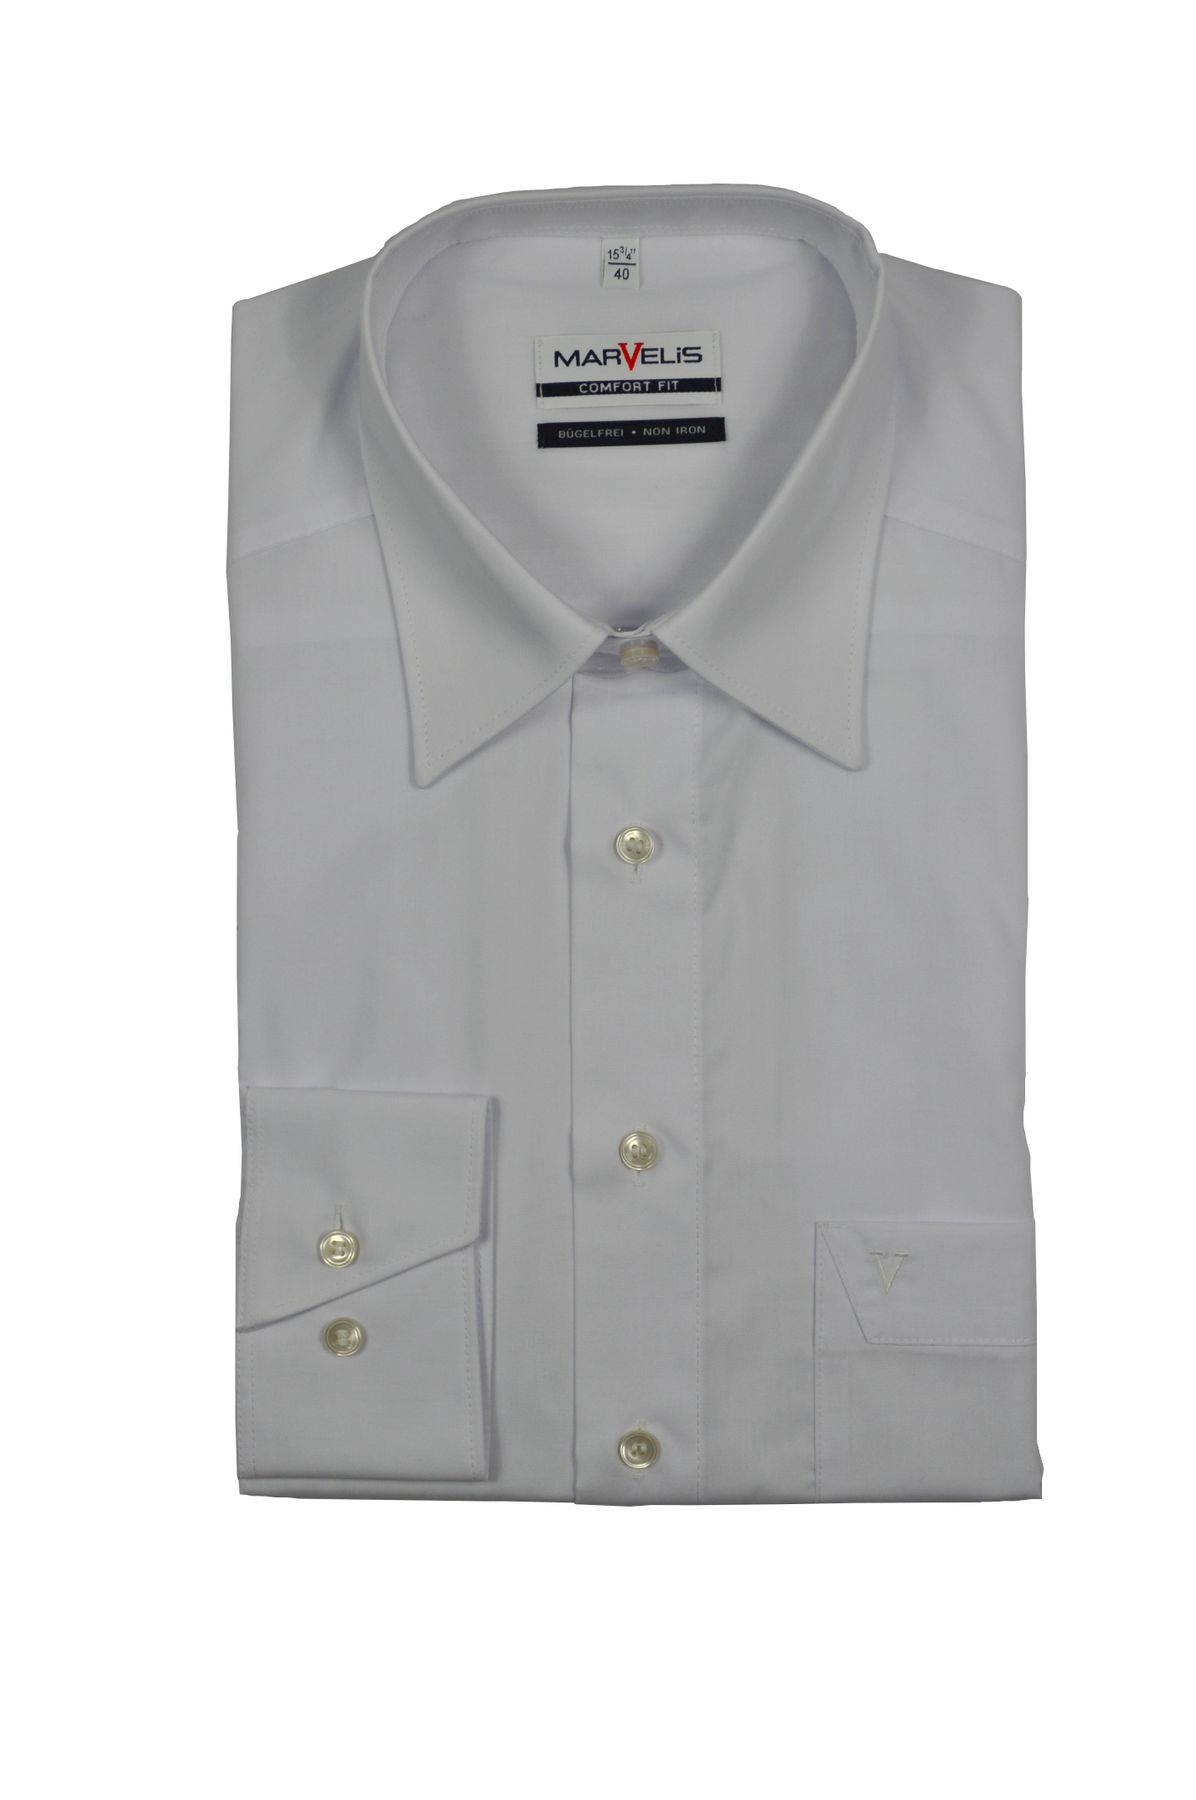 Marvelis - Comfort Fit - Bügelfreies Herren Langarm Hemd in Weiß, Kent Kragen (7970/64)